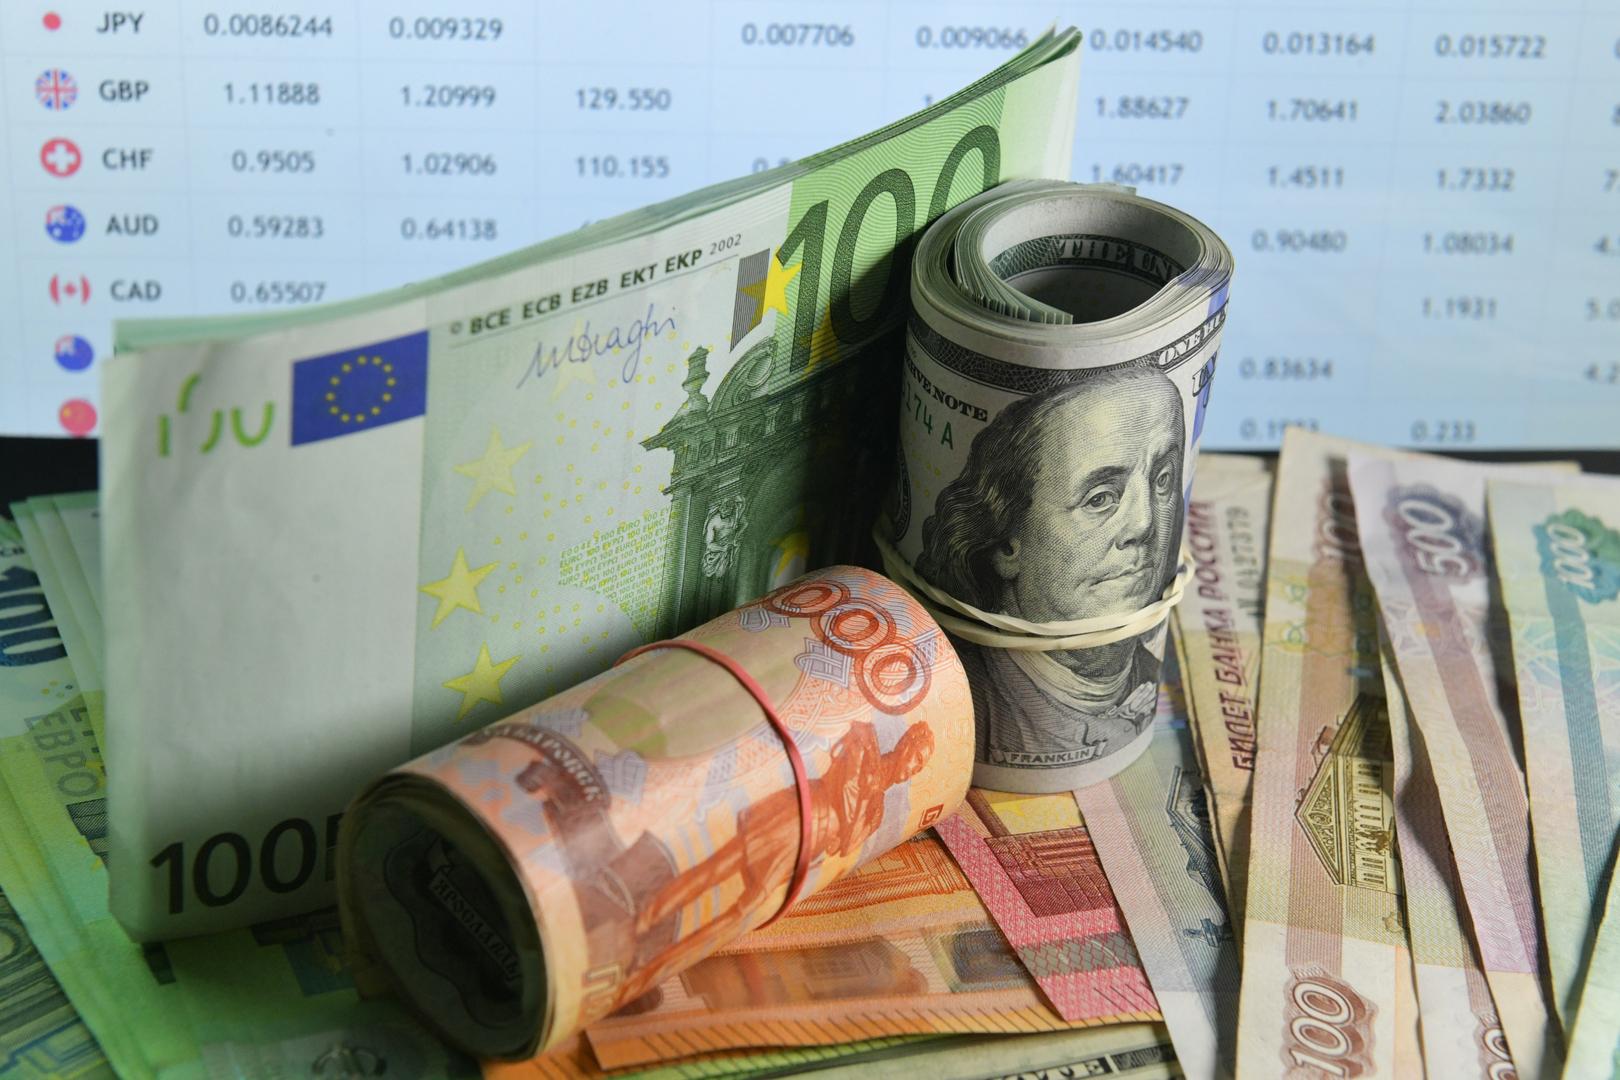 بعد كورونا وهبوط أسعار النفط.. كيف سيكون أداء الاقتصاد الروسي في 2020؟